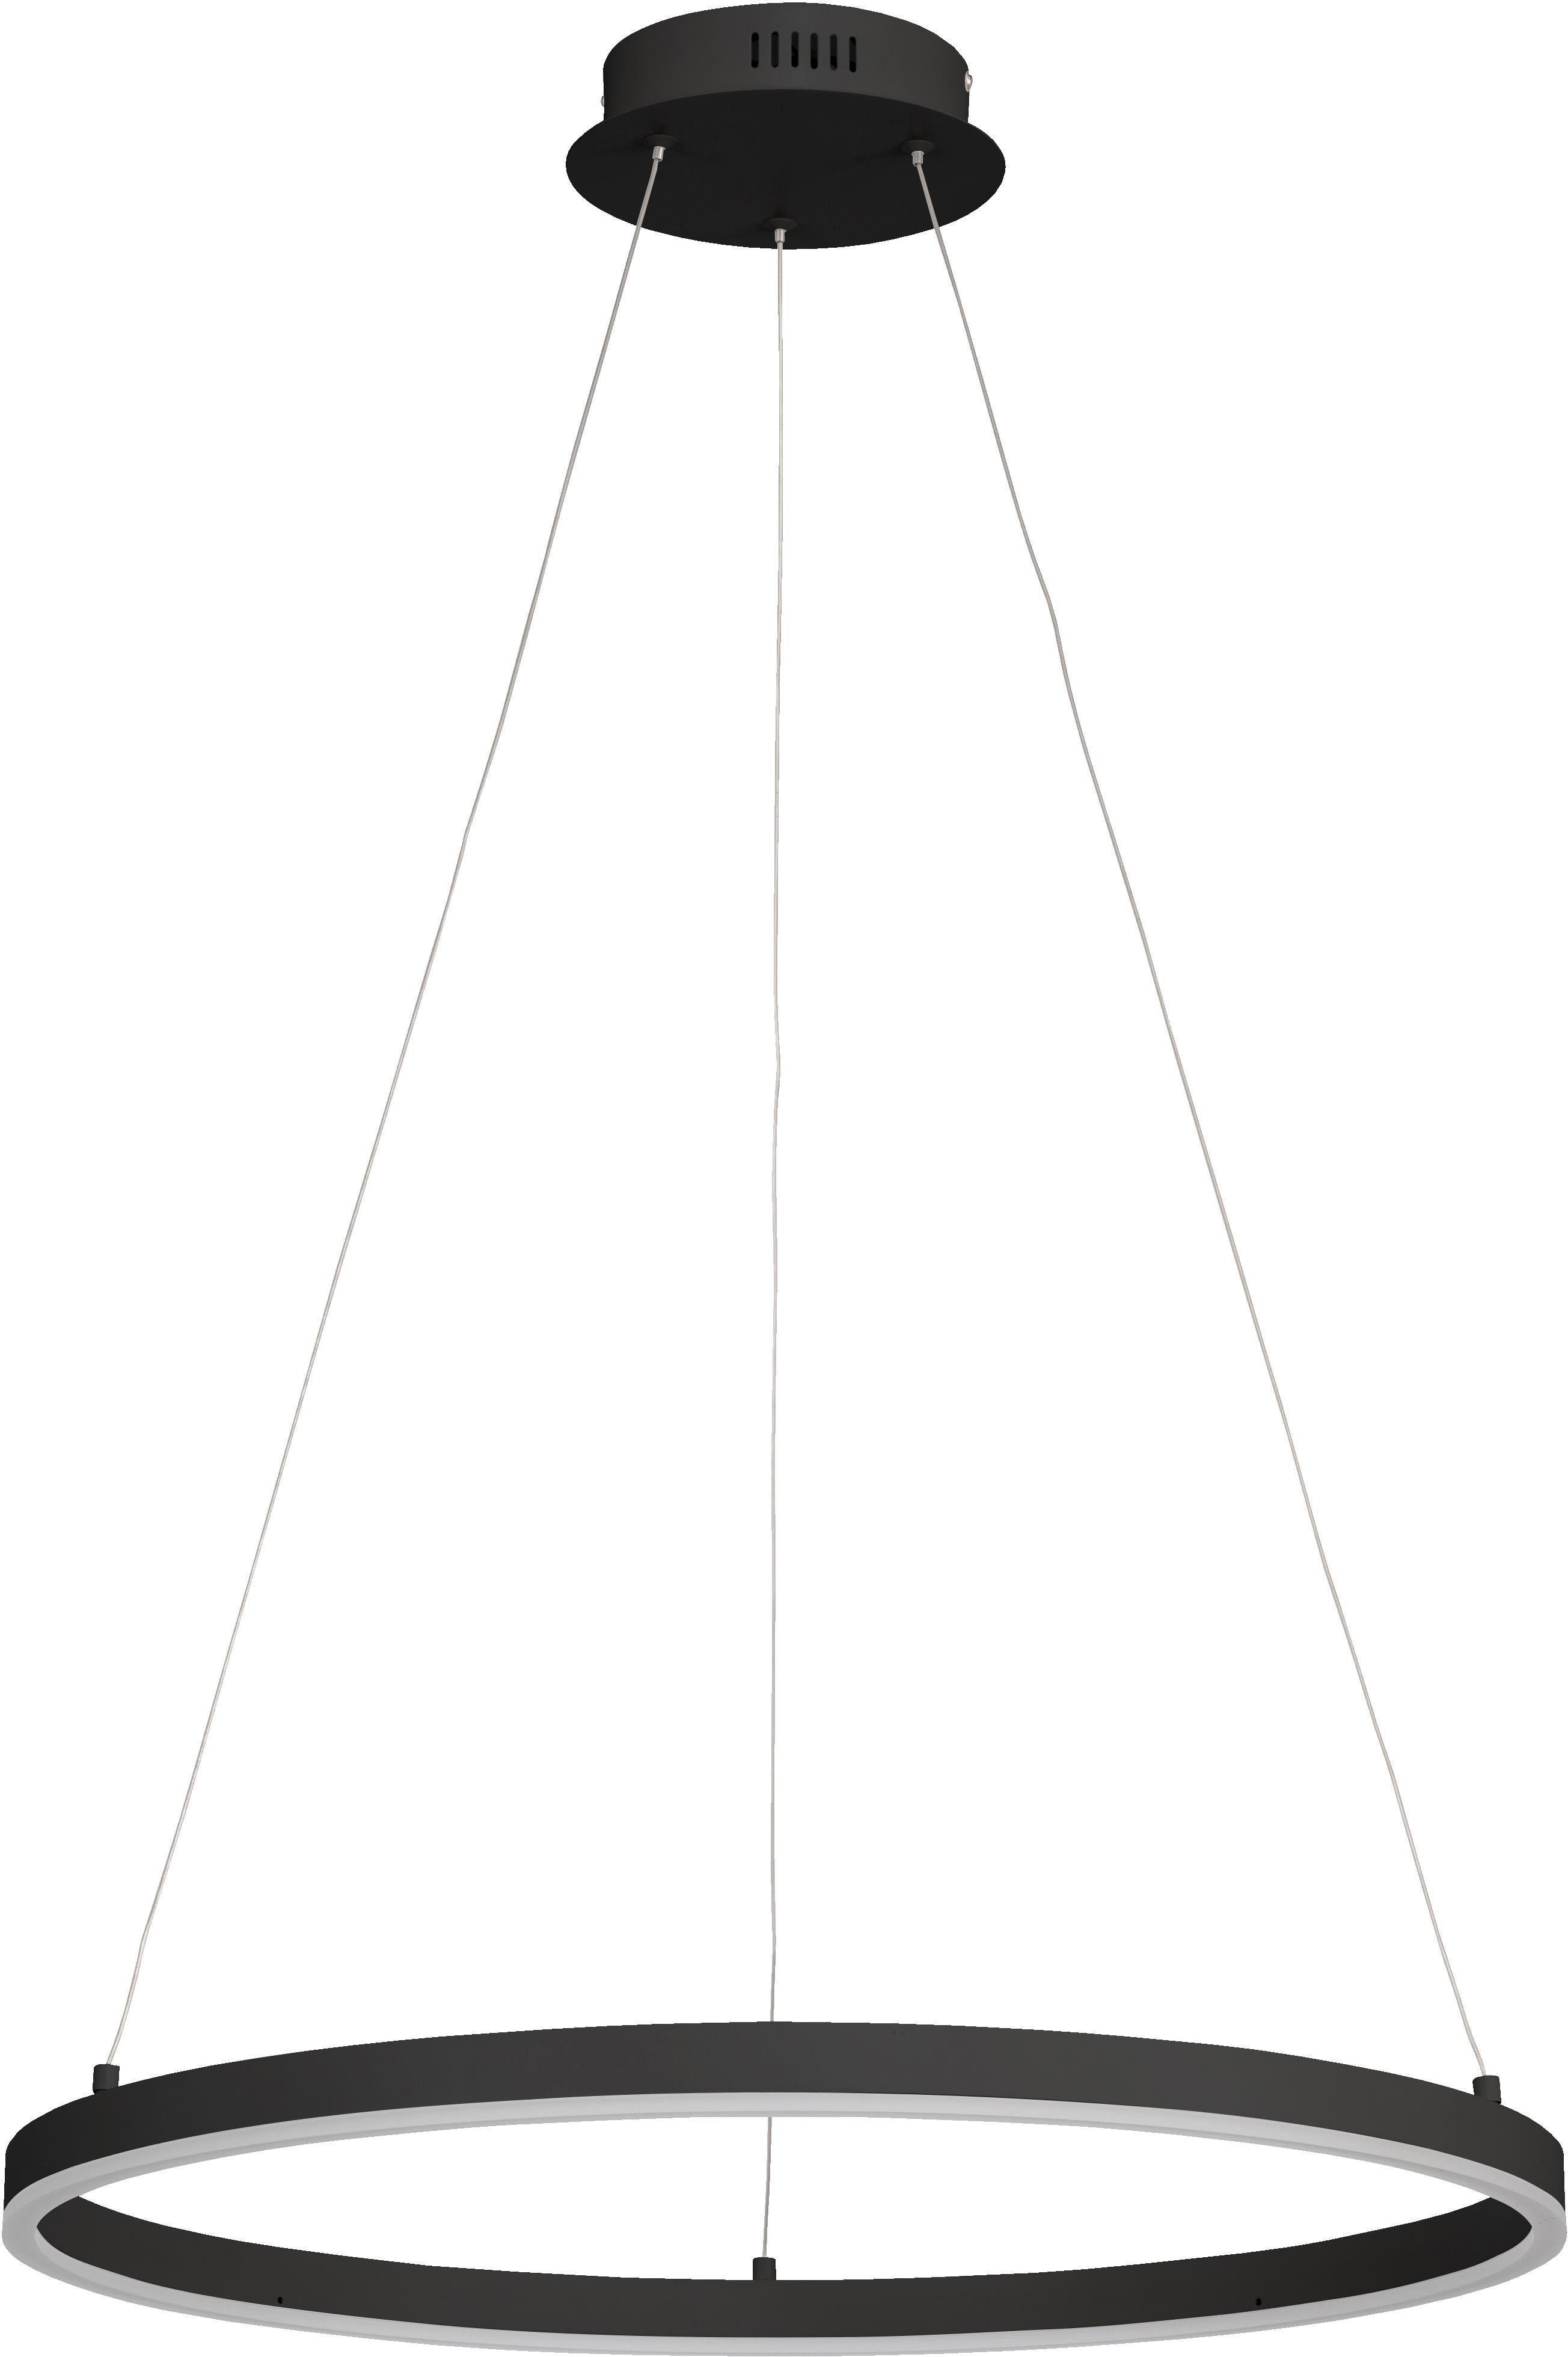 WOFI Pendelleuchte VAASA, LED-Board, Warmweiß, Hängeleuchte, Hängelampe